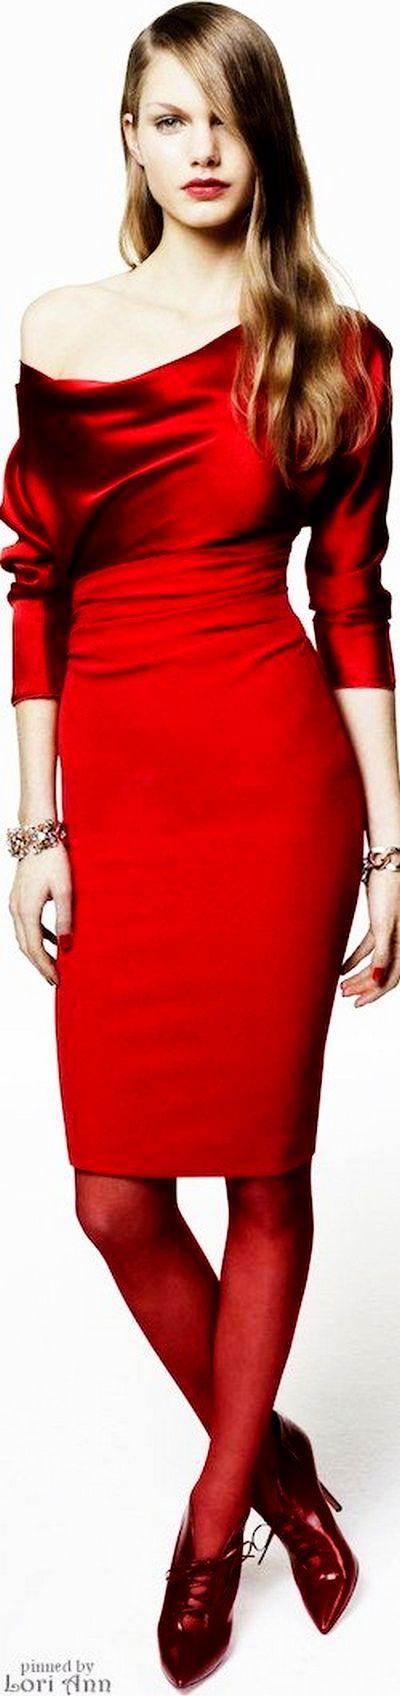 reddress11